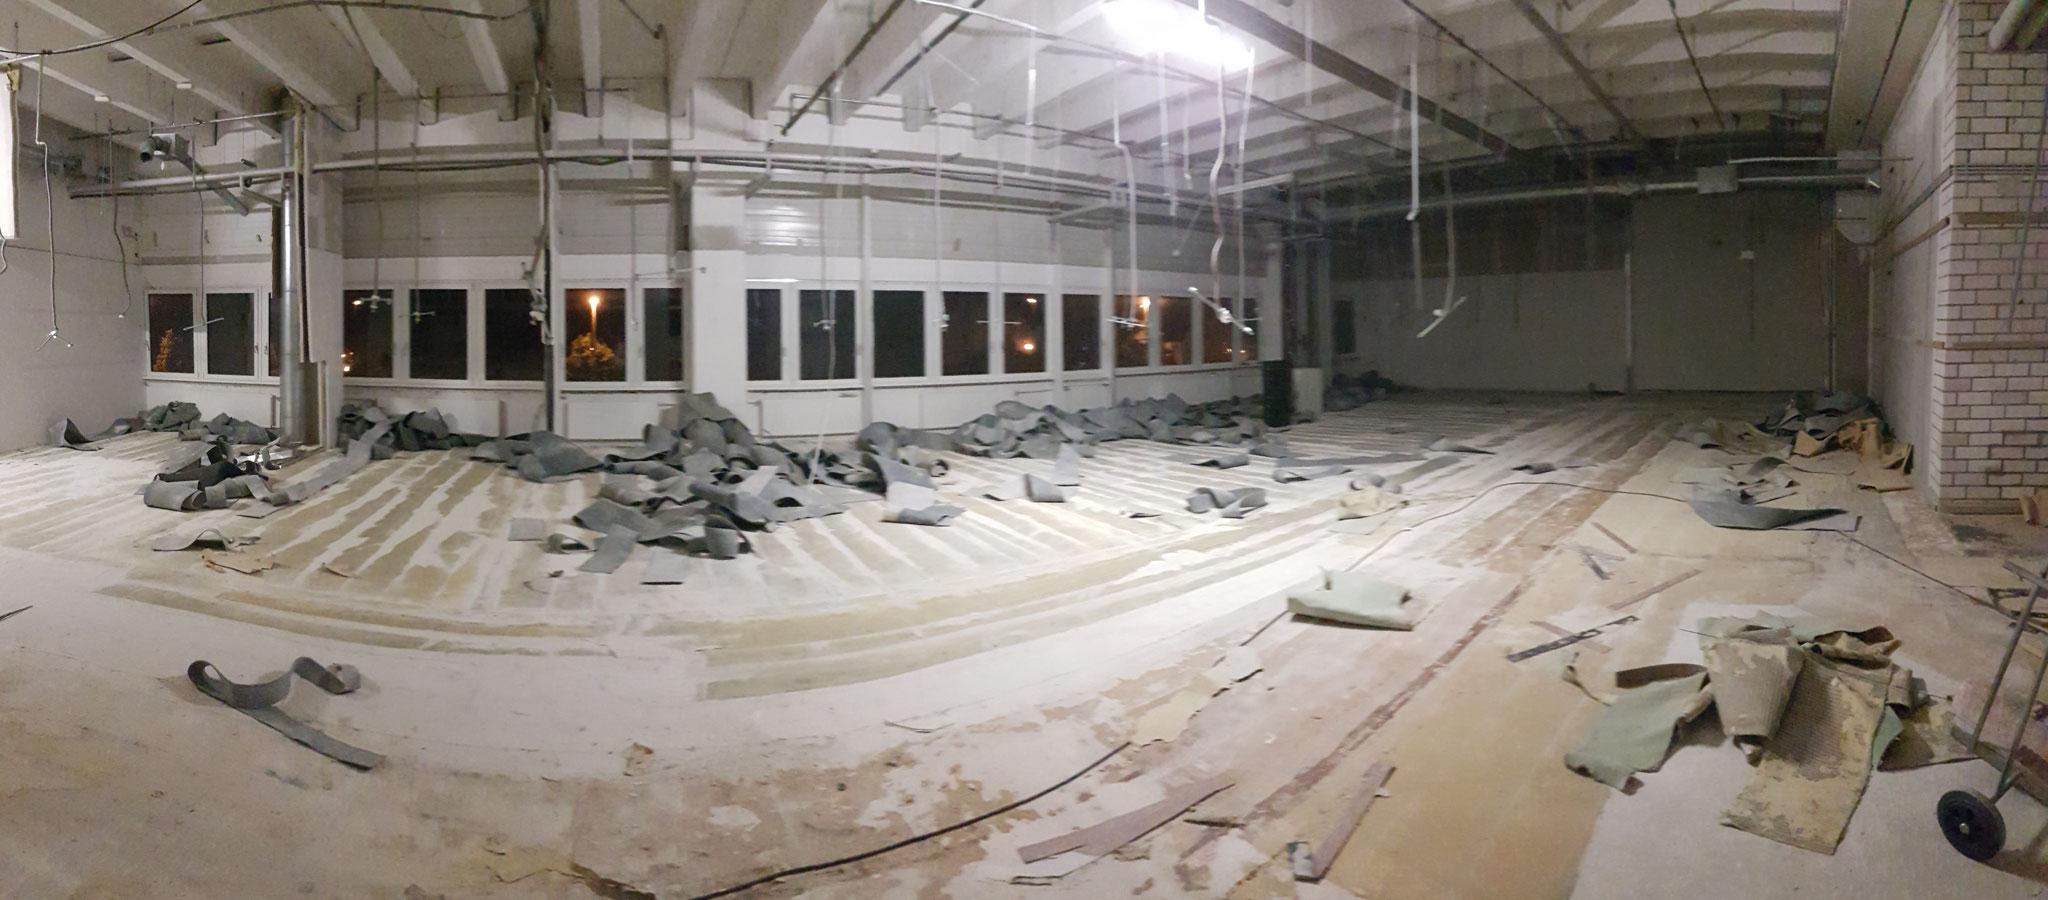 Abbruch von 2300 m² Teppichboden an einem Wochenende in Nachtarbeit